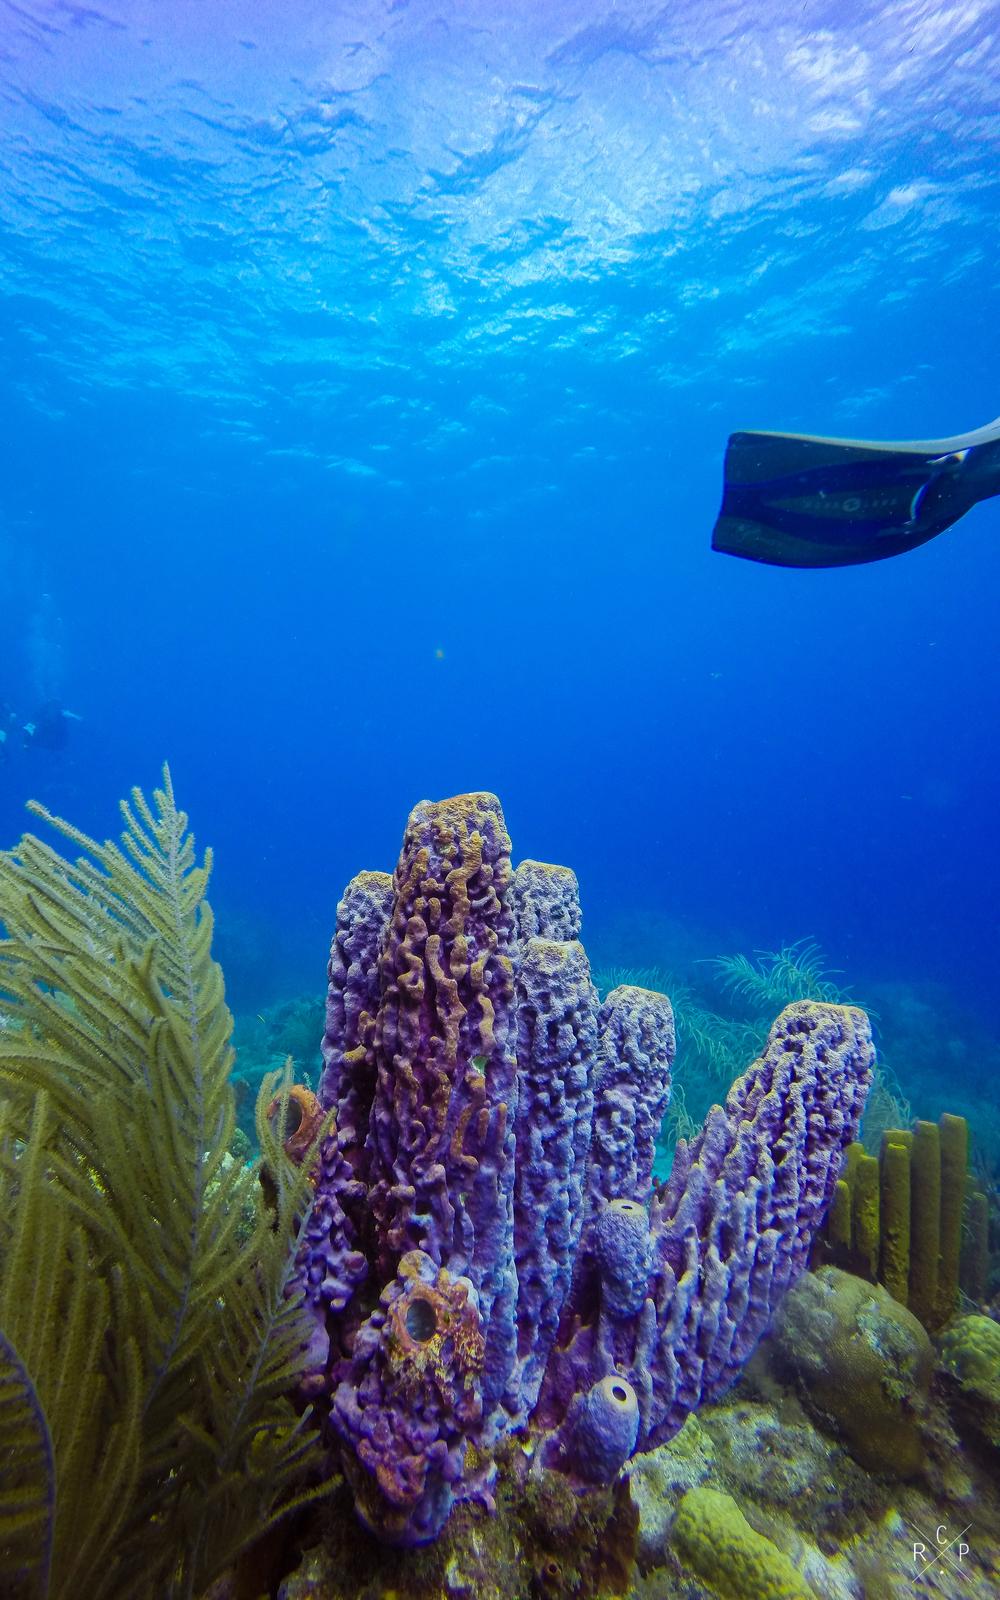 Purple Vase Coral - Jacque Cousteau Reserve, Guadeloupe 20/03/16